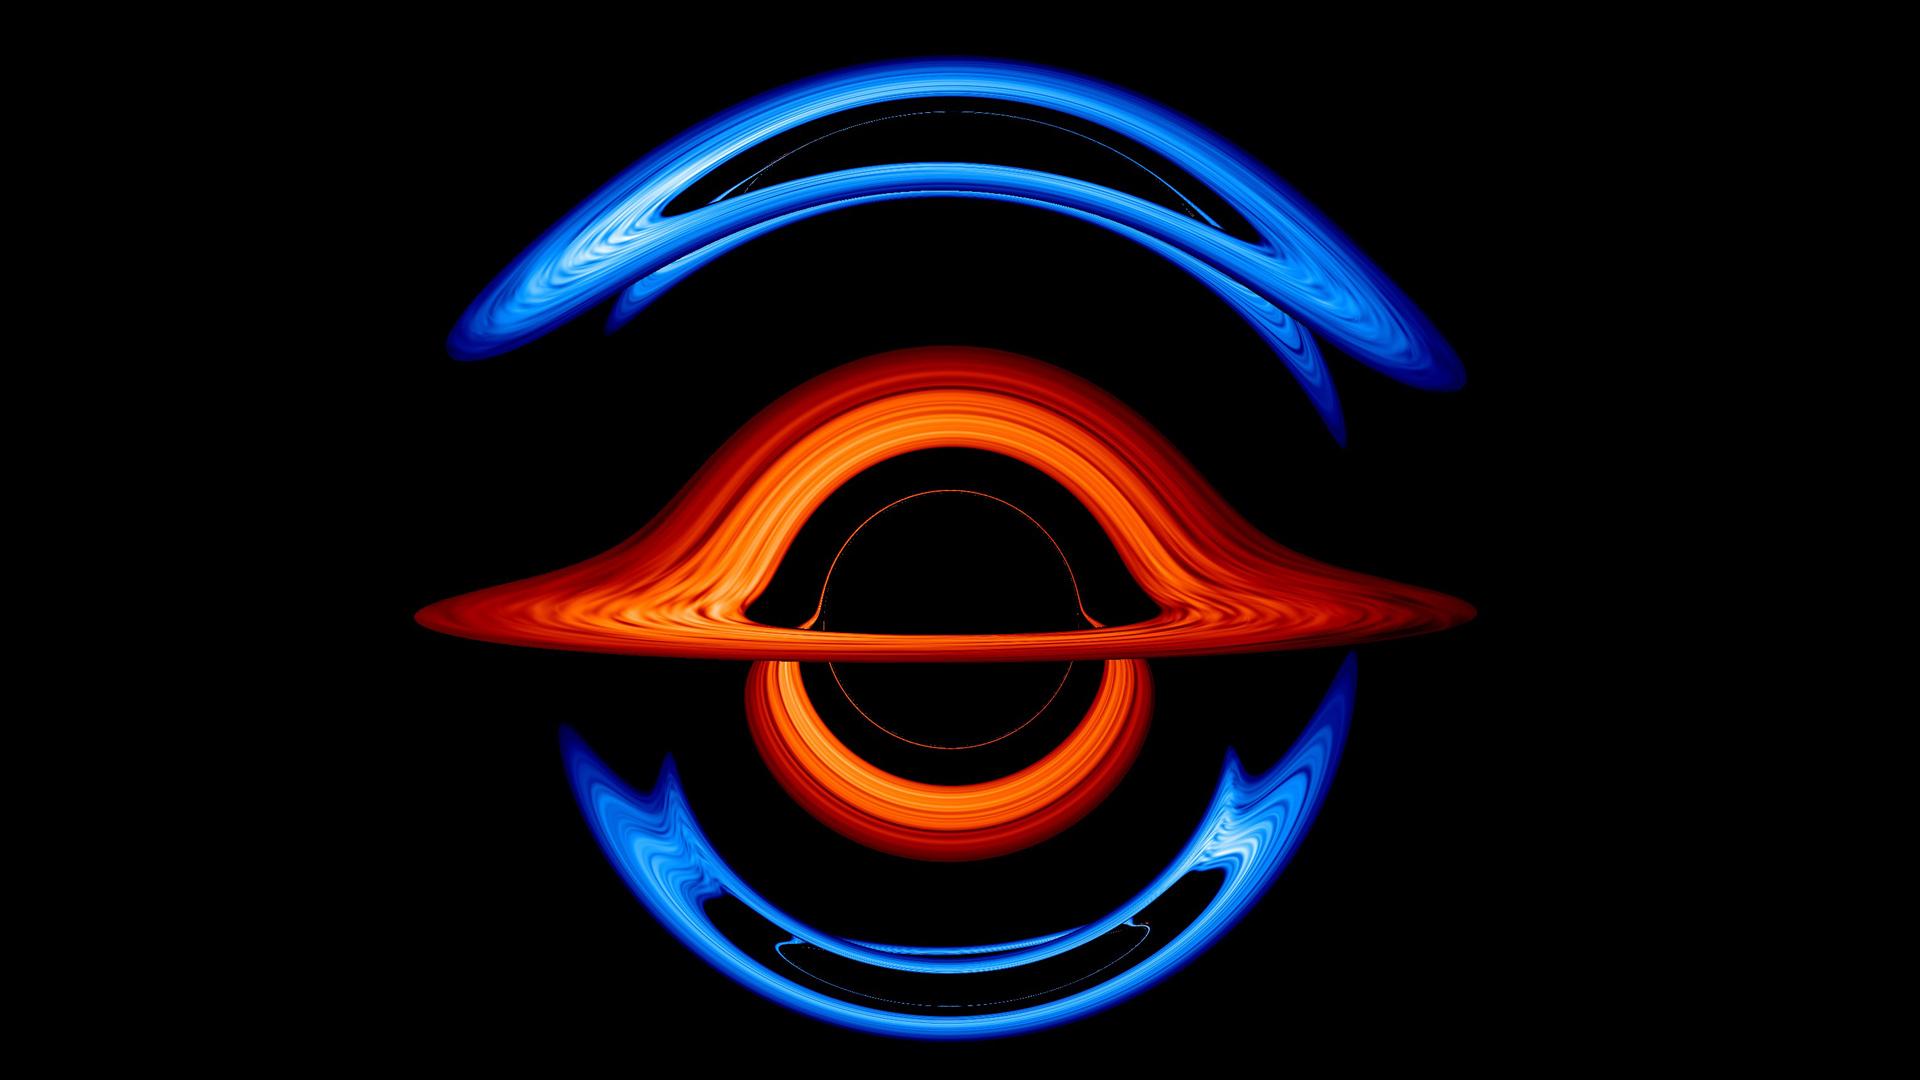 Une nouvelle animation visualise les effets de deux trous noirs en orbite.  Dans cette vue, un trou noir supermassif pesant 200 millions de fois la masse du soleil se trouve au premier plan et sa gravité déforme la lumière du disque d'accrétion d'un petit trou noir compagnon presque directement derrière lui.